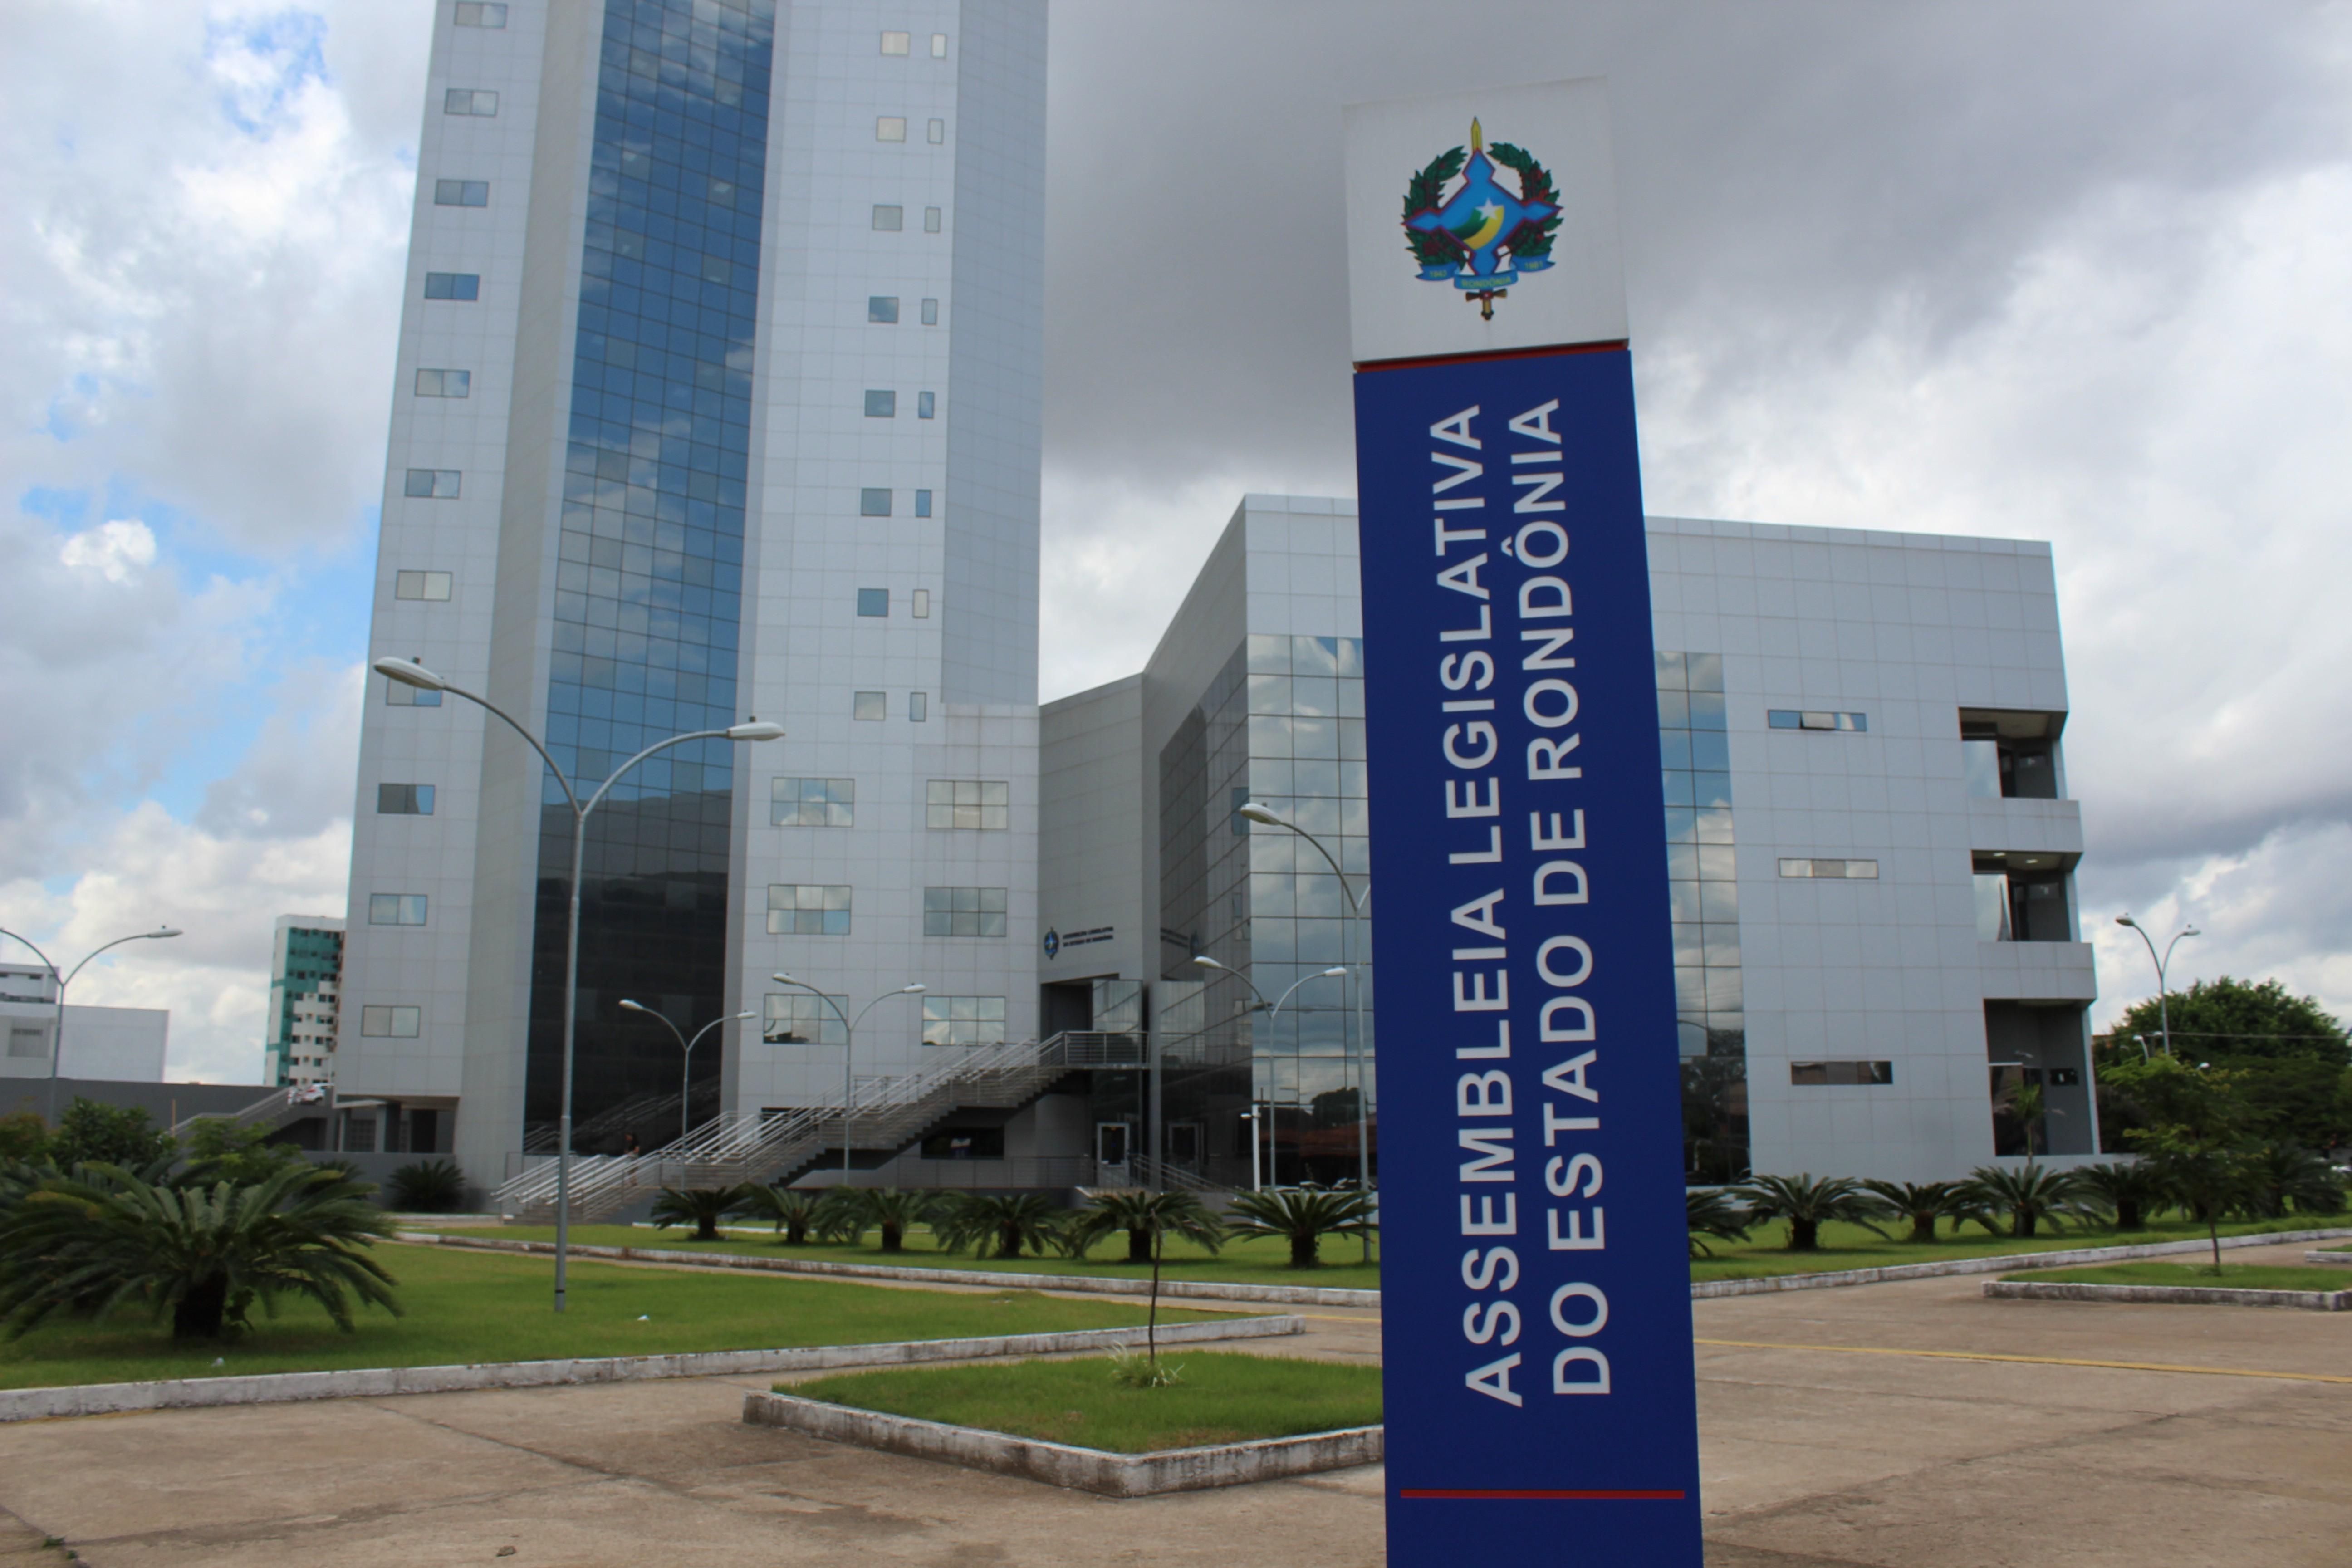 Assembleia aprova CPI para investigar serviços da Energisa Rondônia - Notícias - Plantão Diário